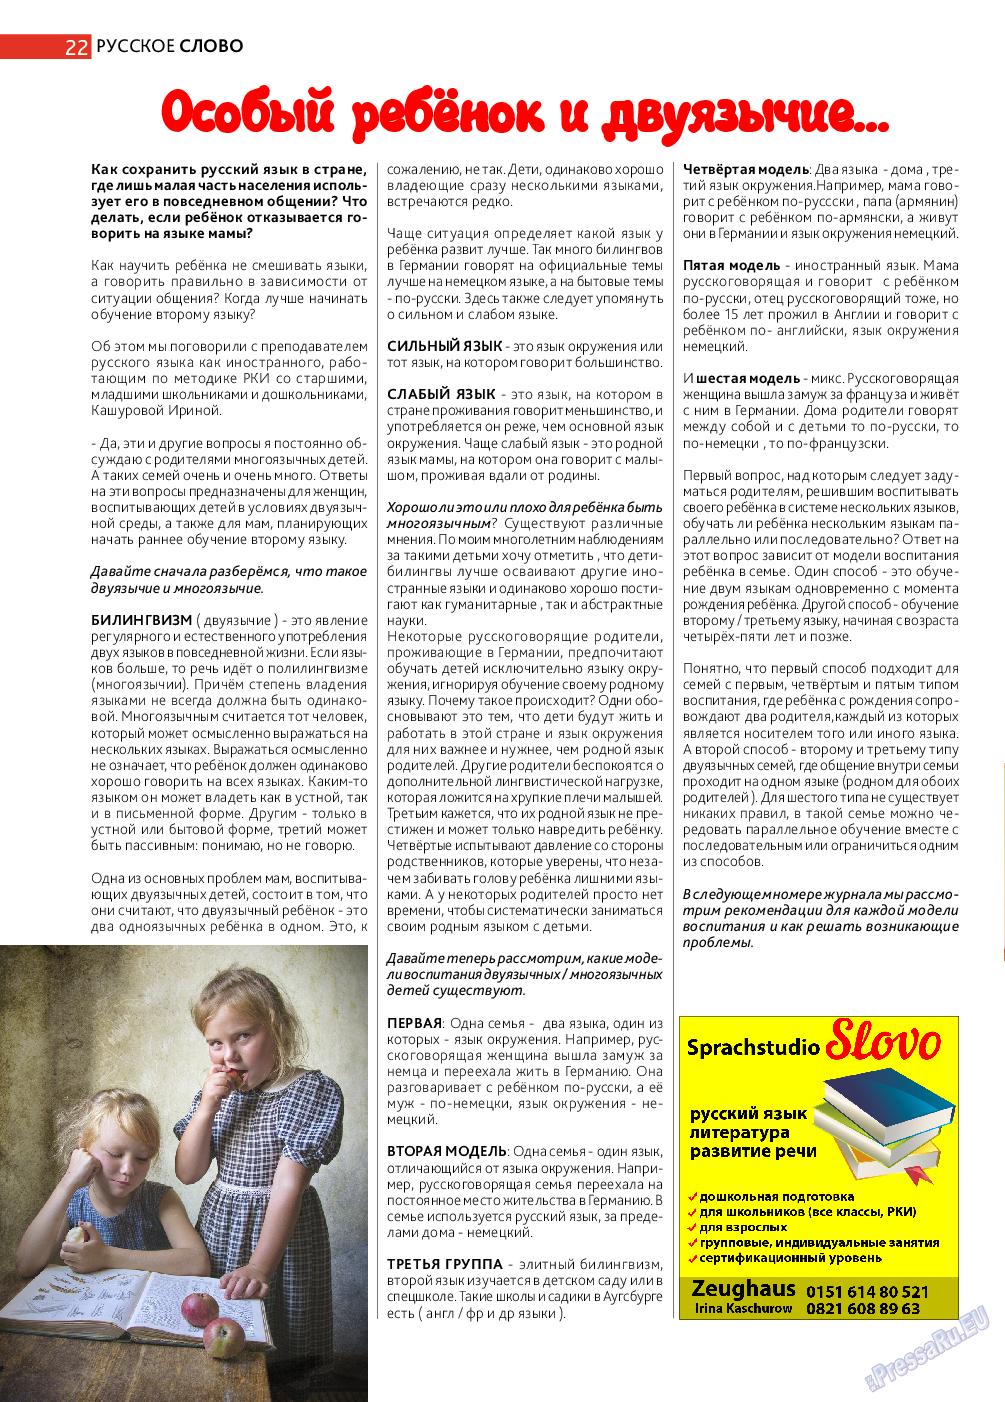 Афиша Augsburg (журнал). 2016 год, номер 3, стр. 22